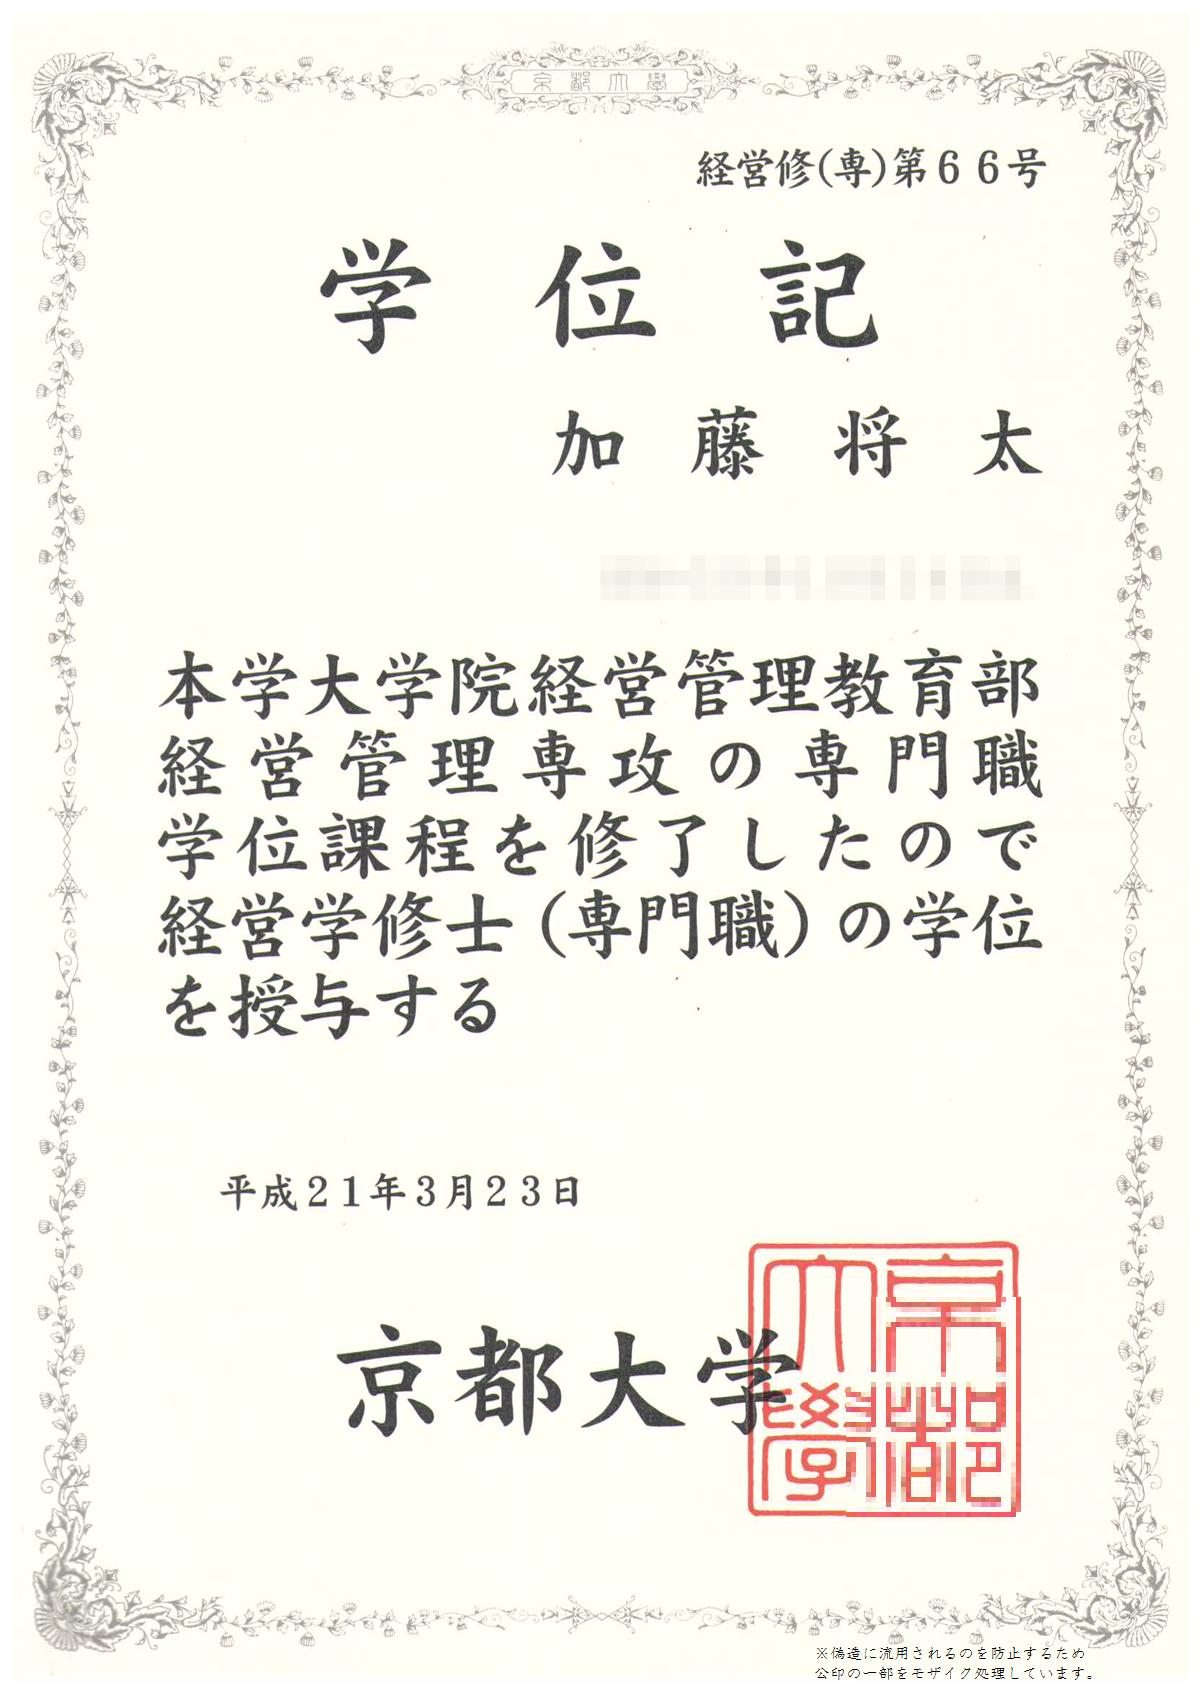 京都大学MBA(ビジネススクール)大学院卒業証明書